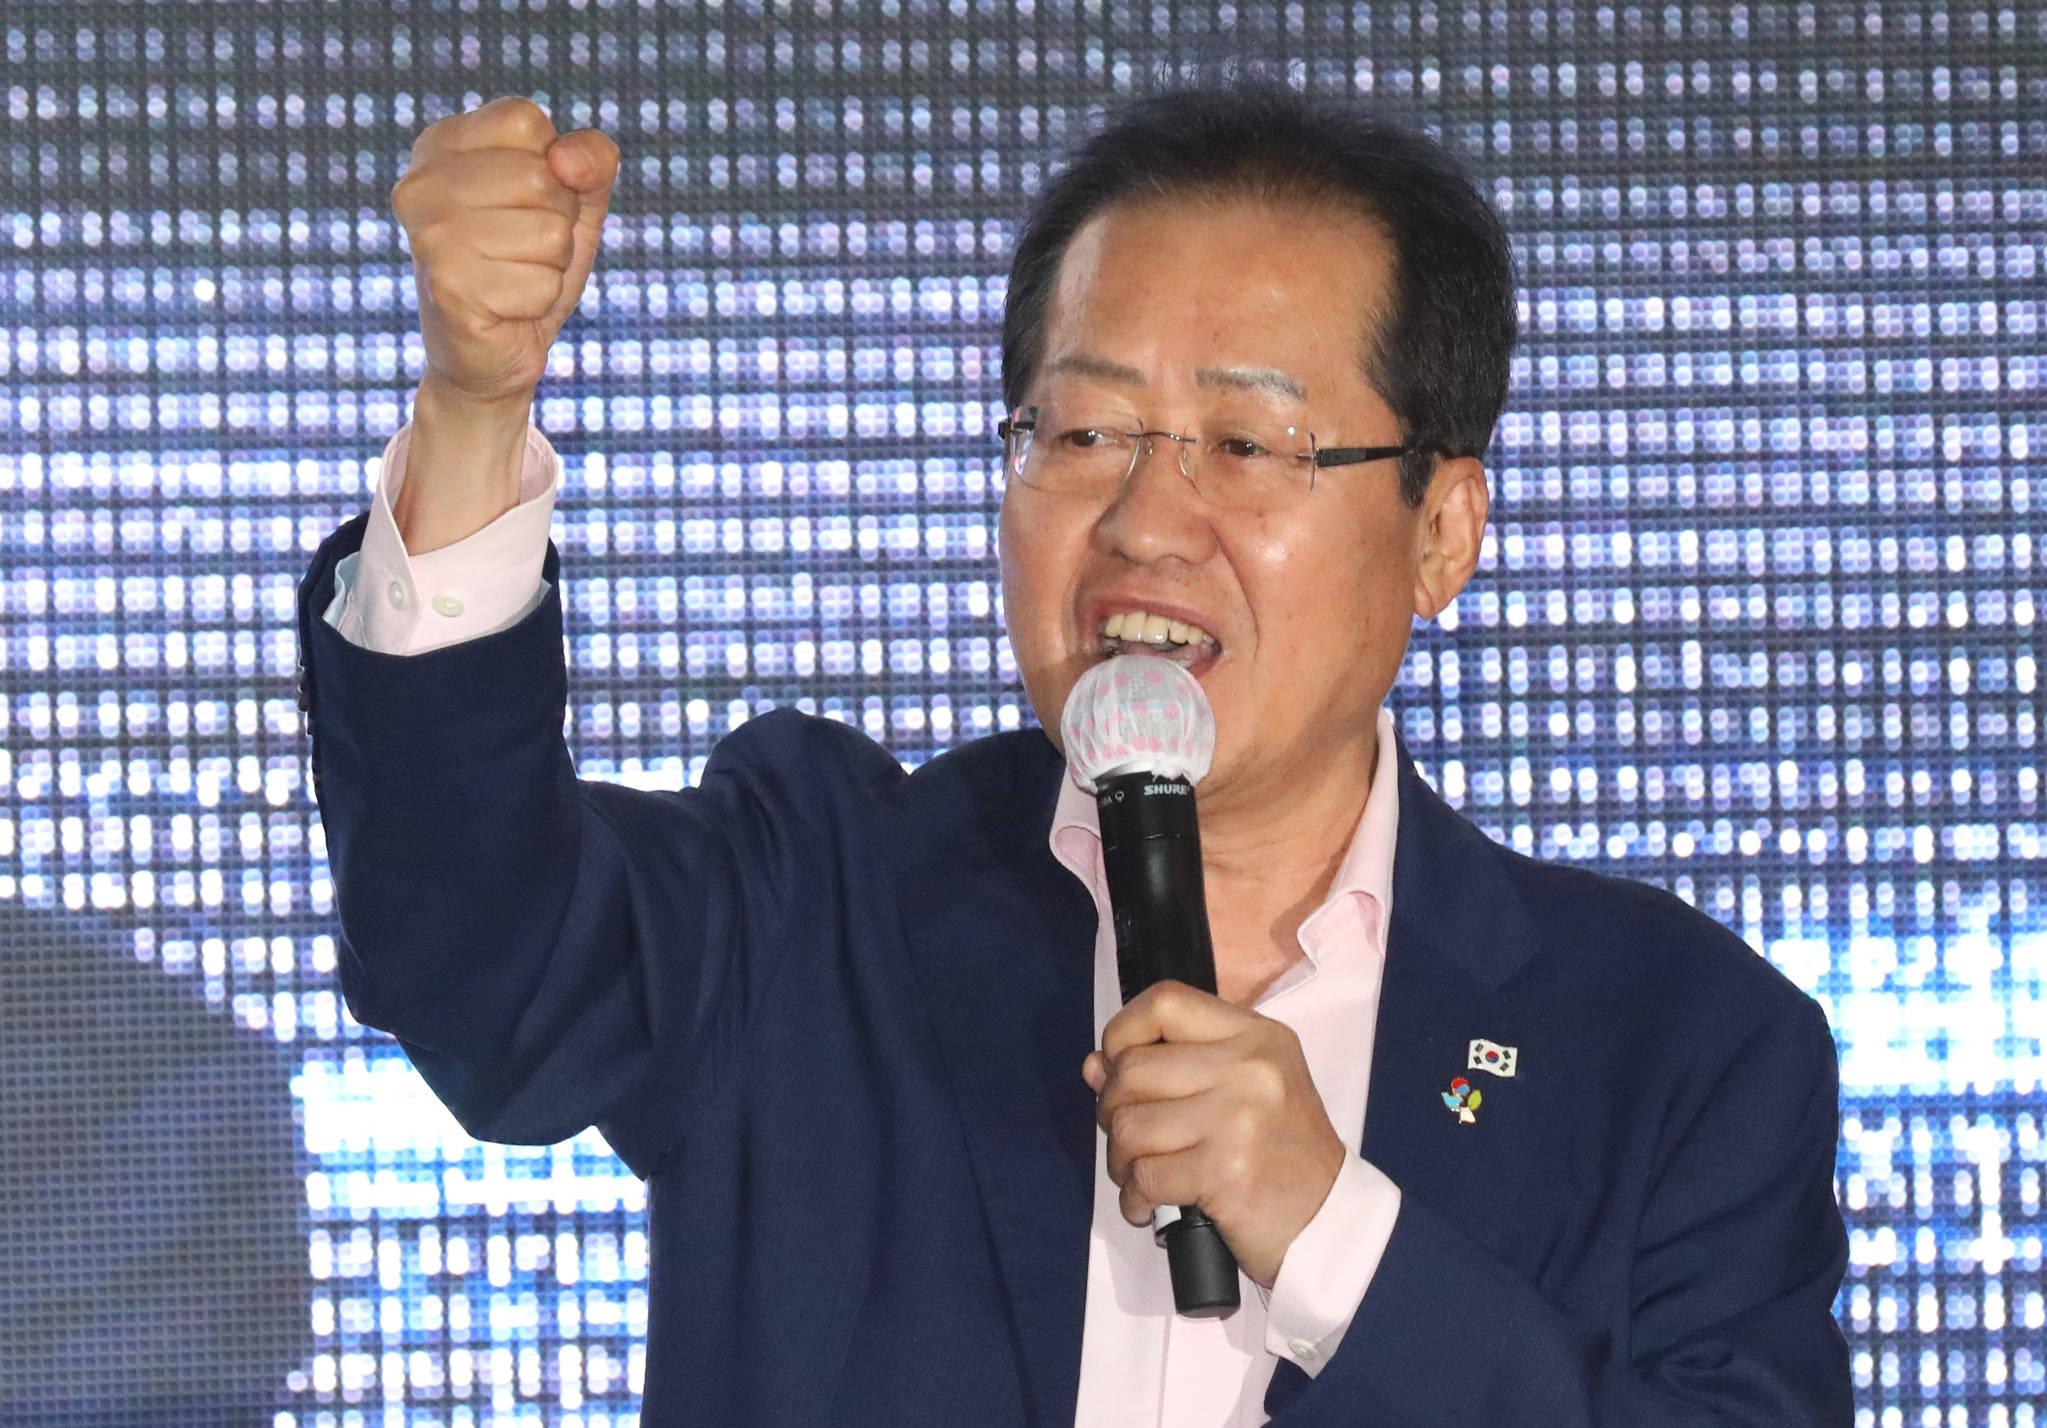 홍준표 자유한국당 대표가 9일 오후 부산 중구 광복동 패션거리 일대에서 서병수 부산시장 후보 지원유세를 하고 있다. [뉴스1]